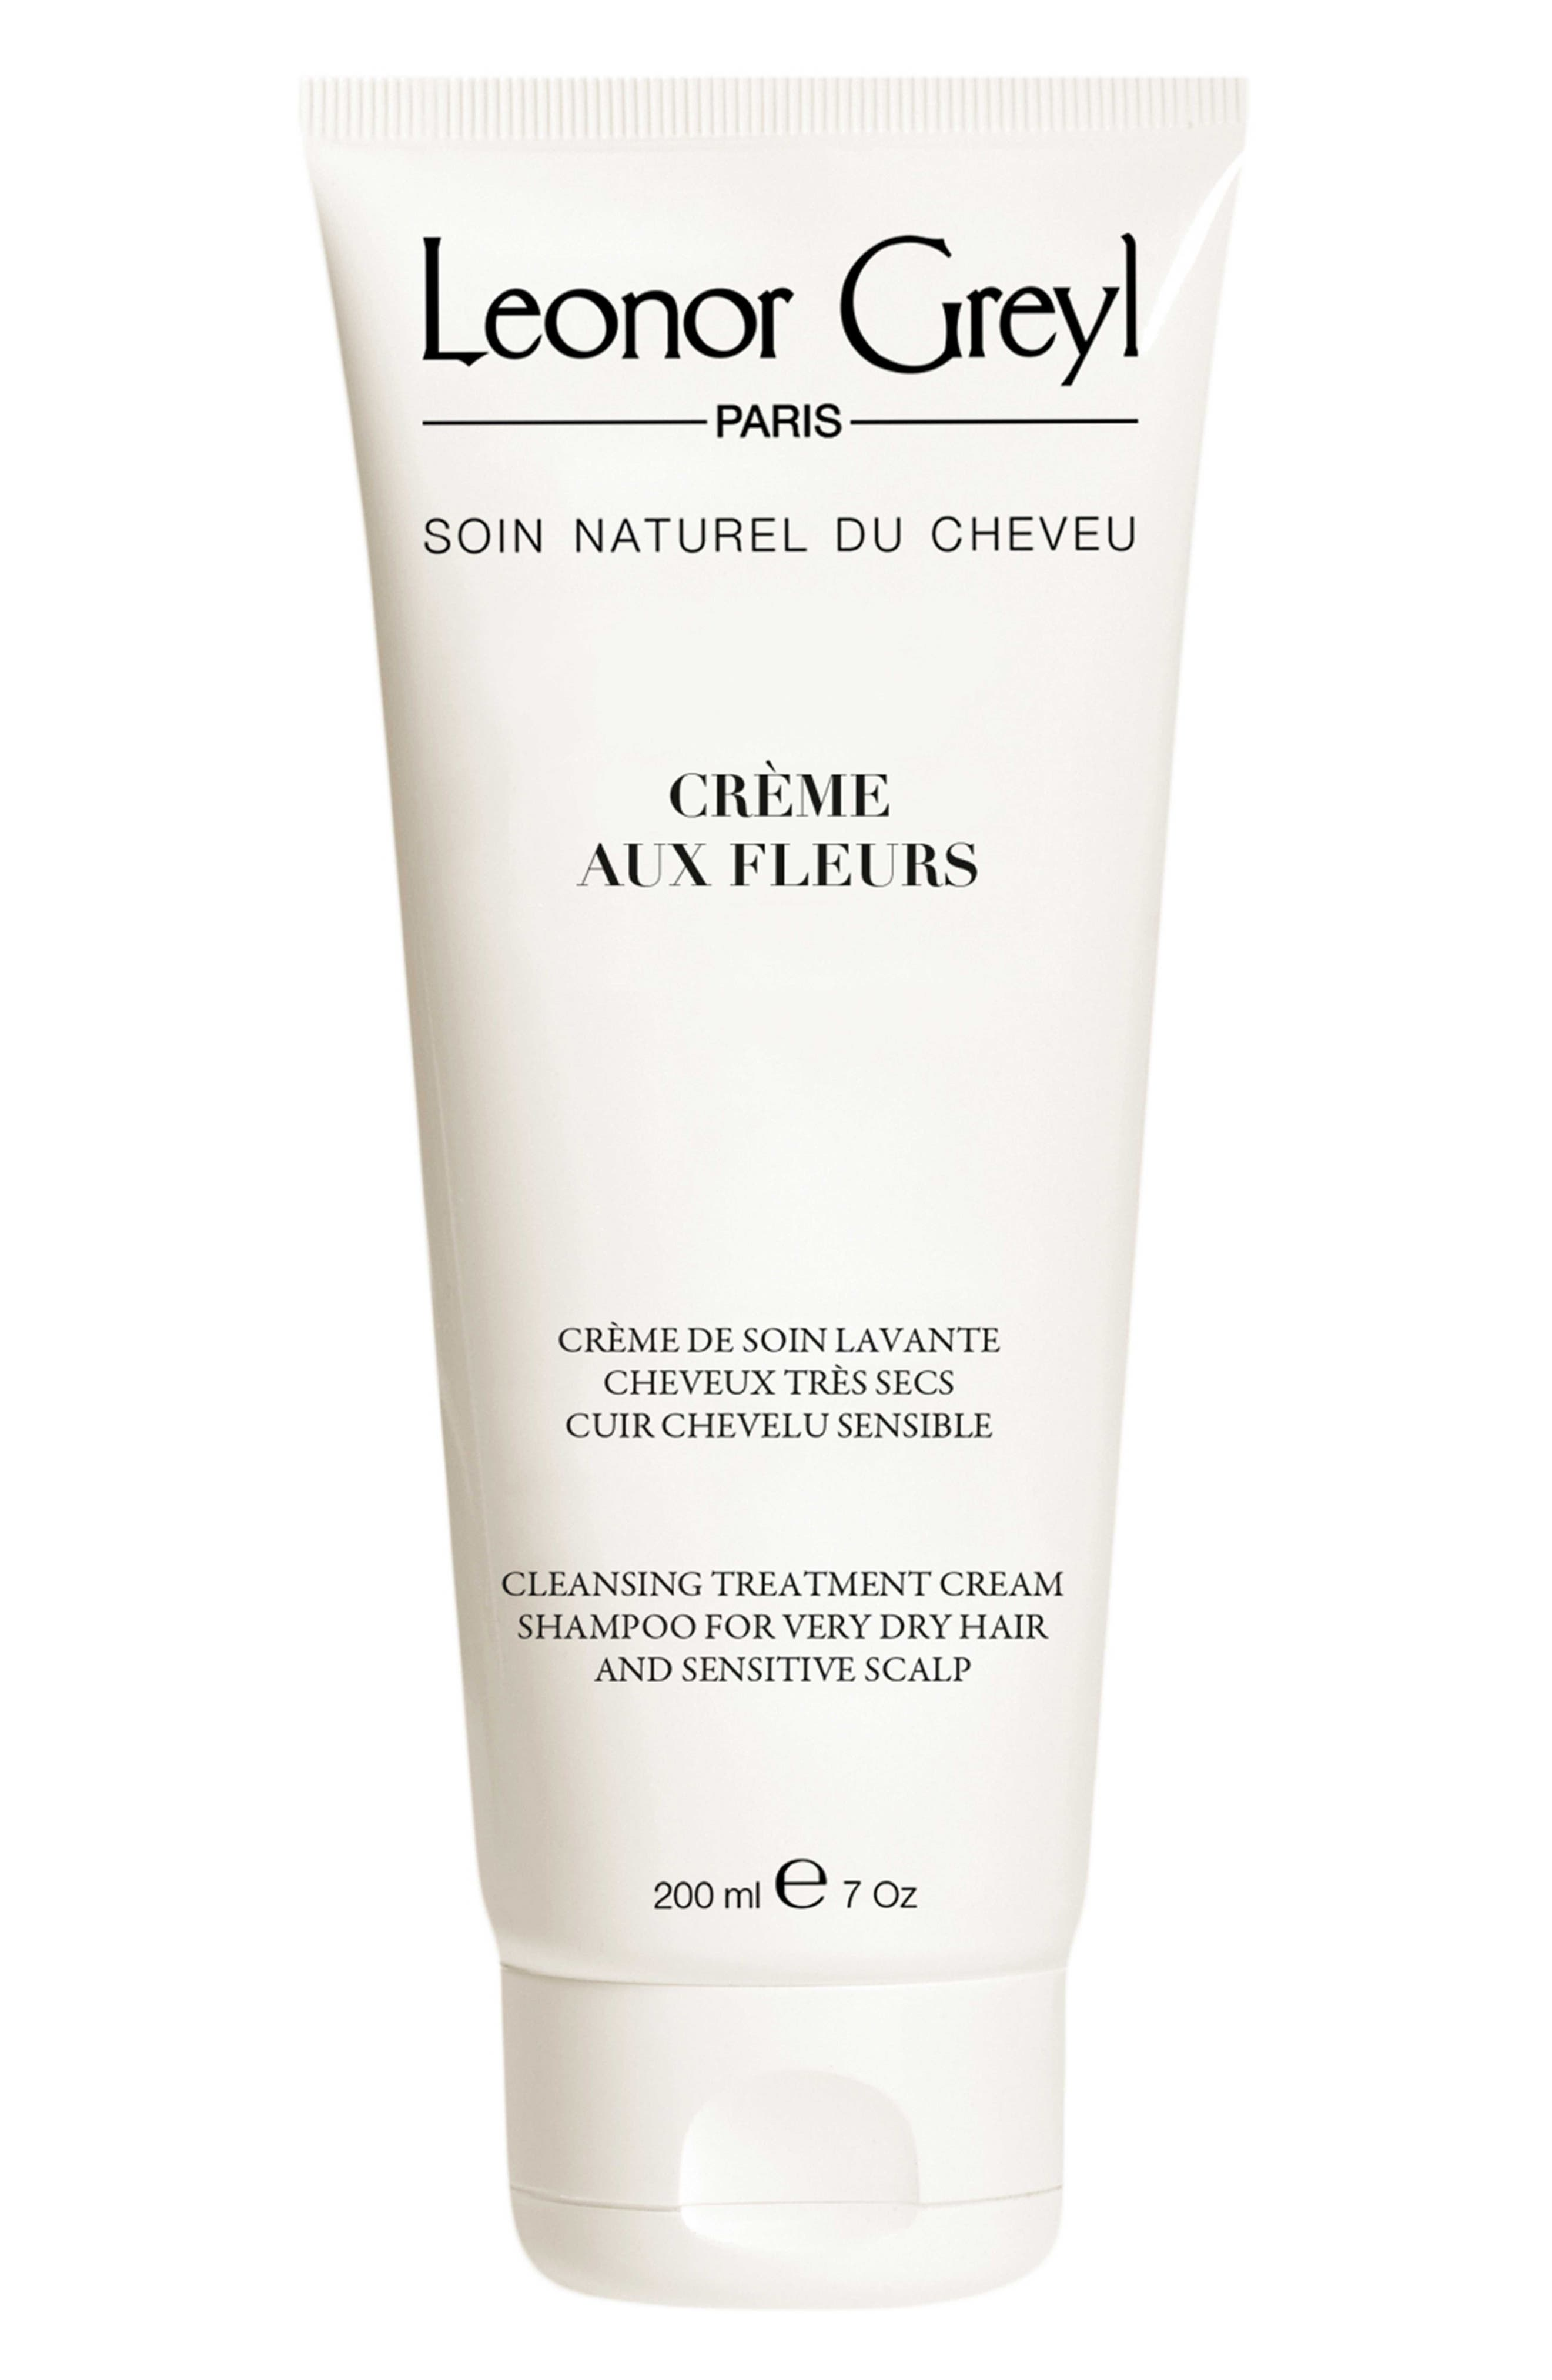 LEONOR GREYL PARIS Crème Aux Fleurs Cream Shampoo, Main, color, NO COLOR